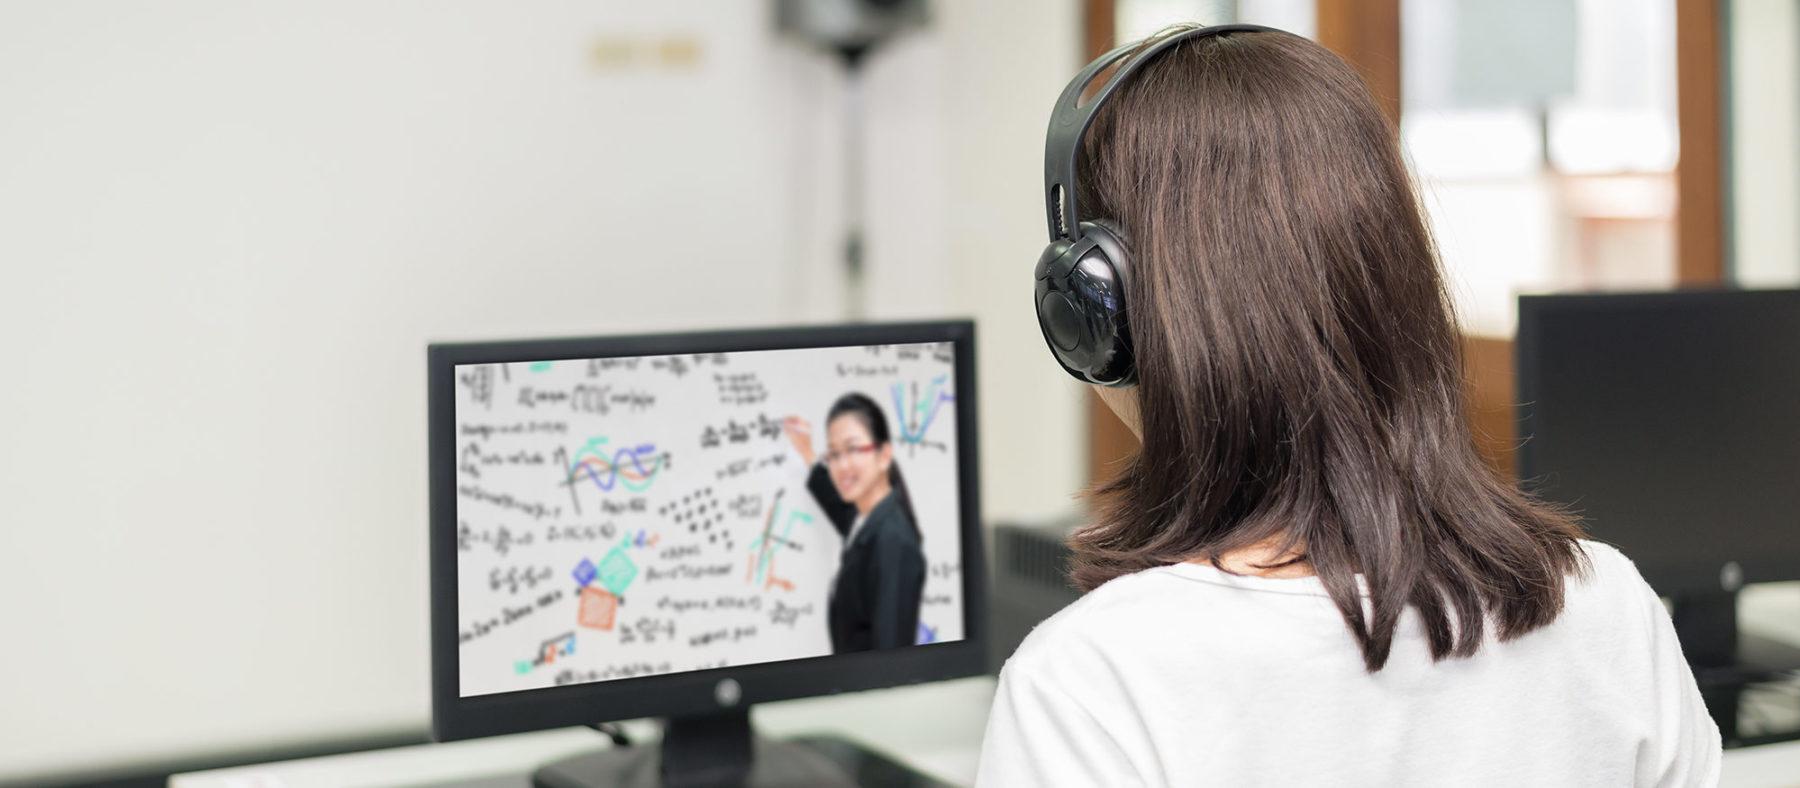 Как проходить обучение интернет-профессиям бесплатно?